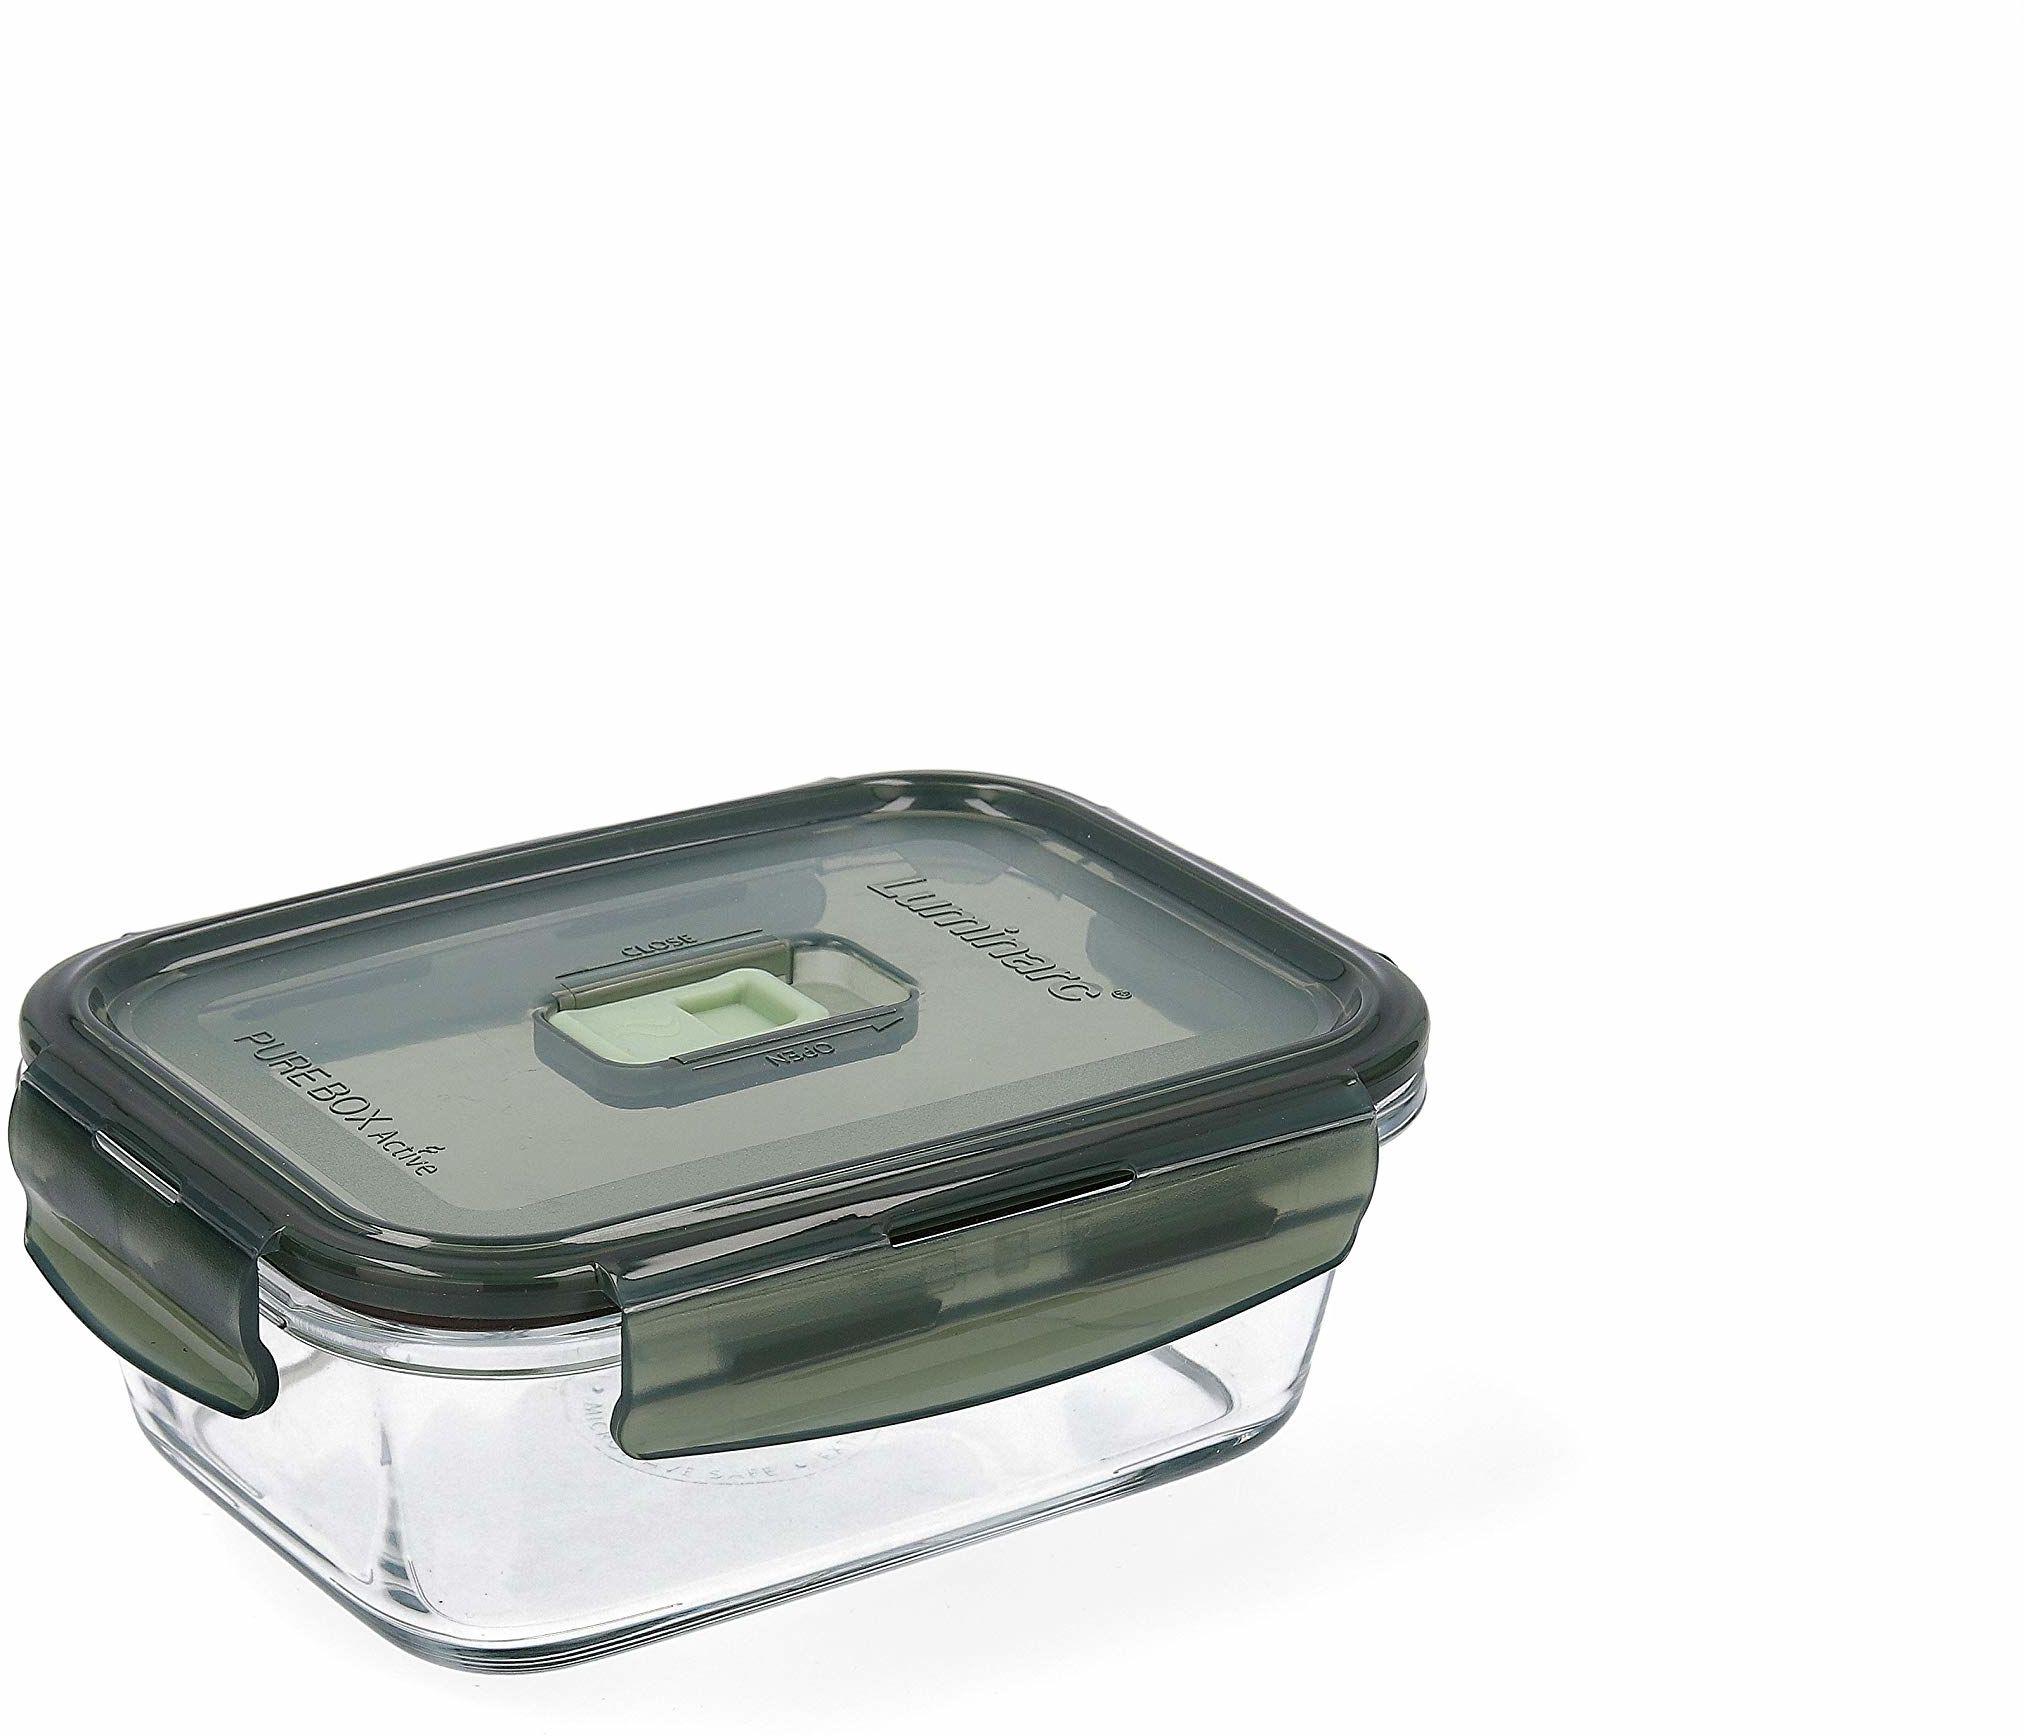 Luminarc Pure Box Active pojemnik na żywność ze szkła, prostokątny, 82 cl, oliwkowa zieleń